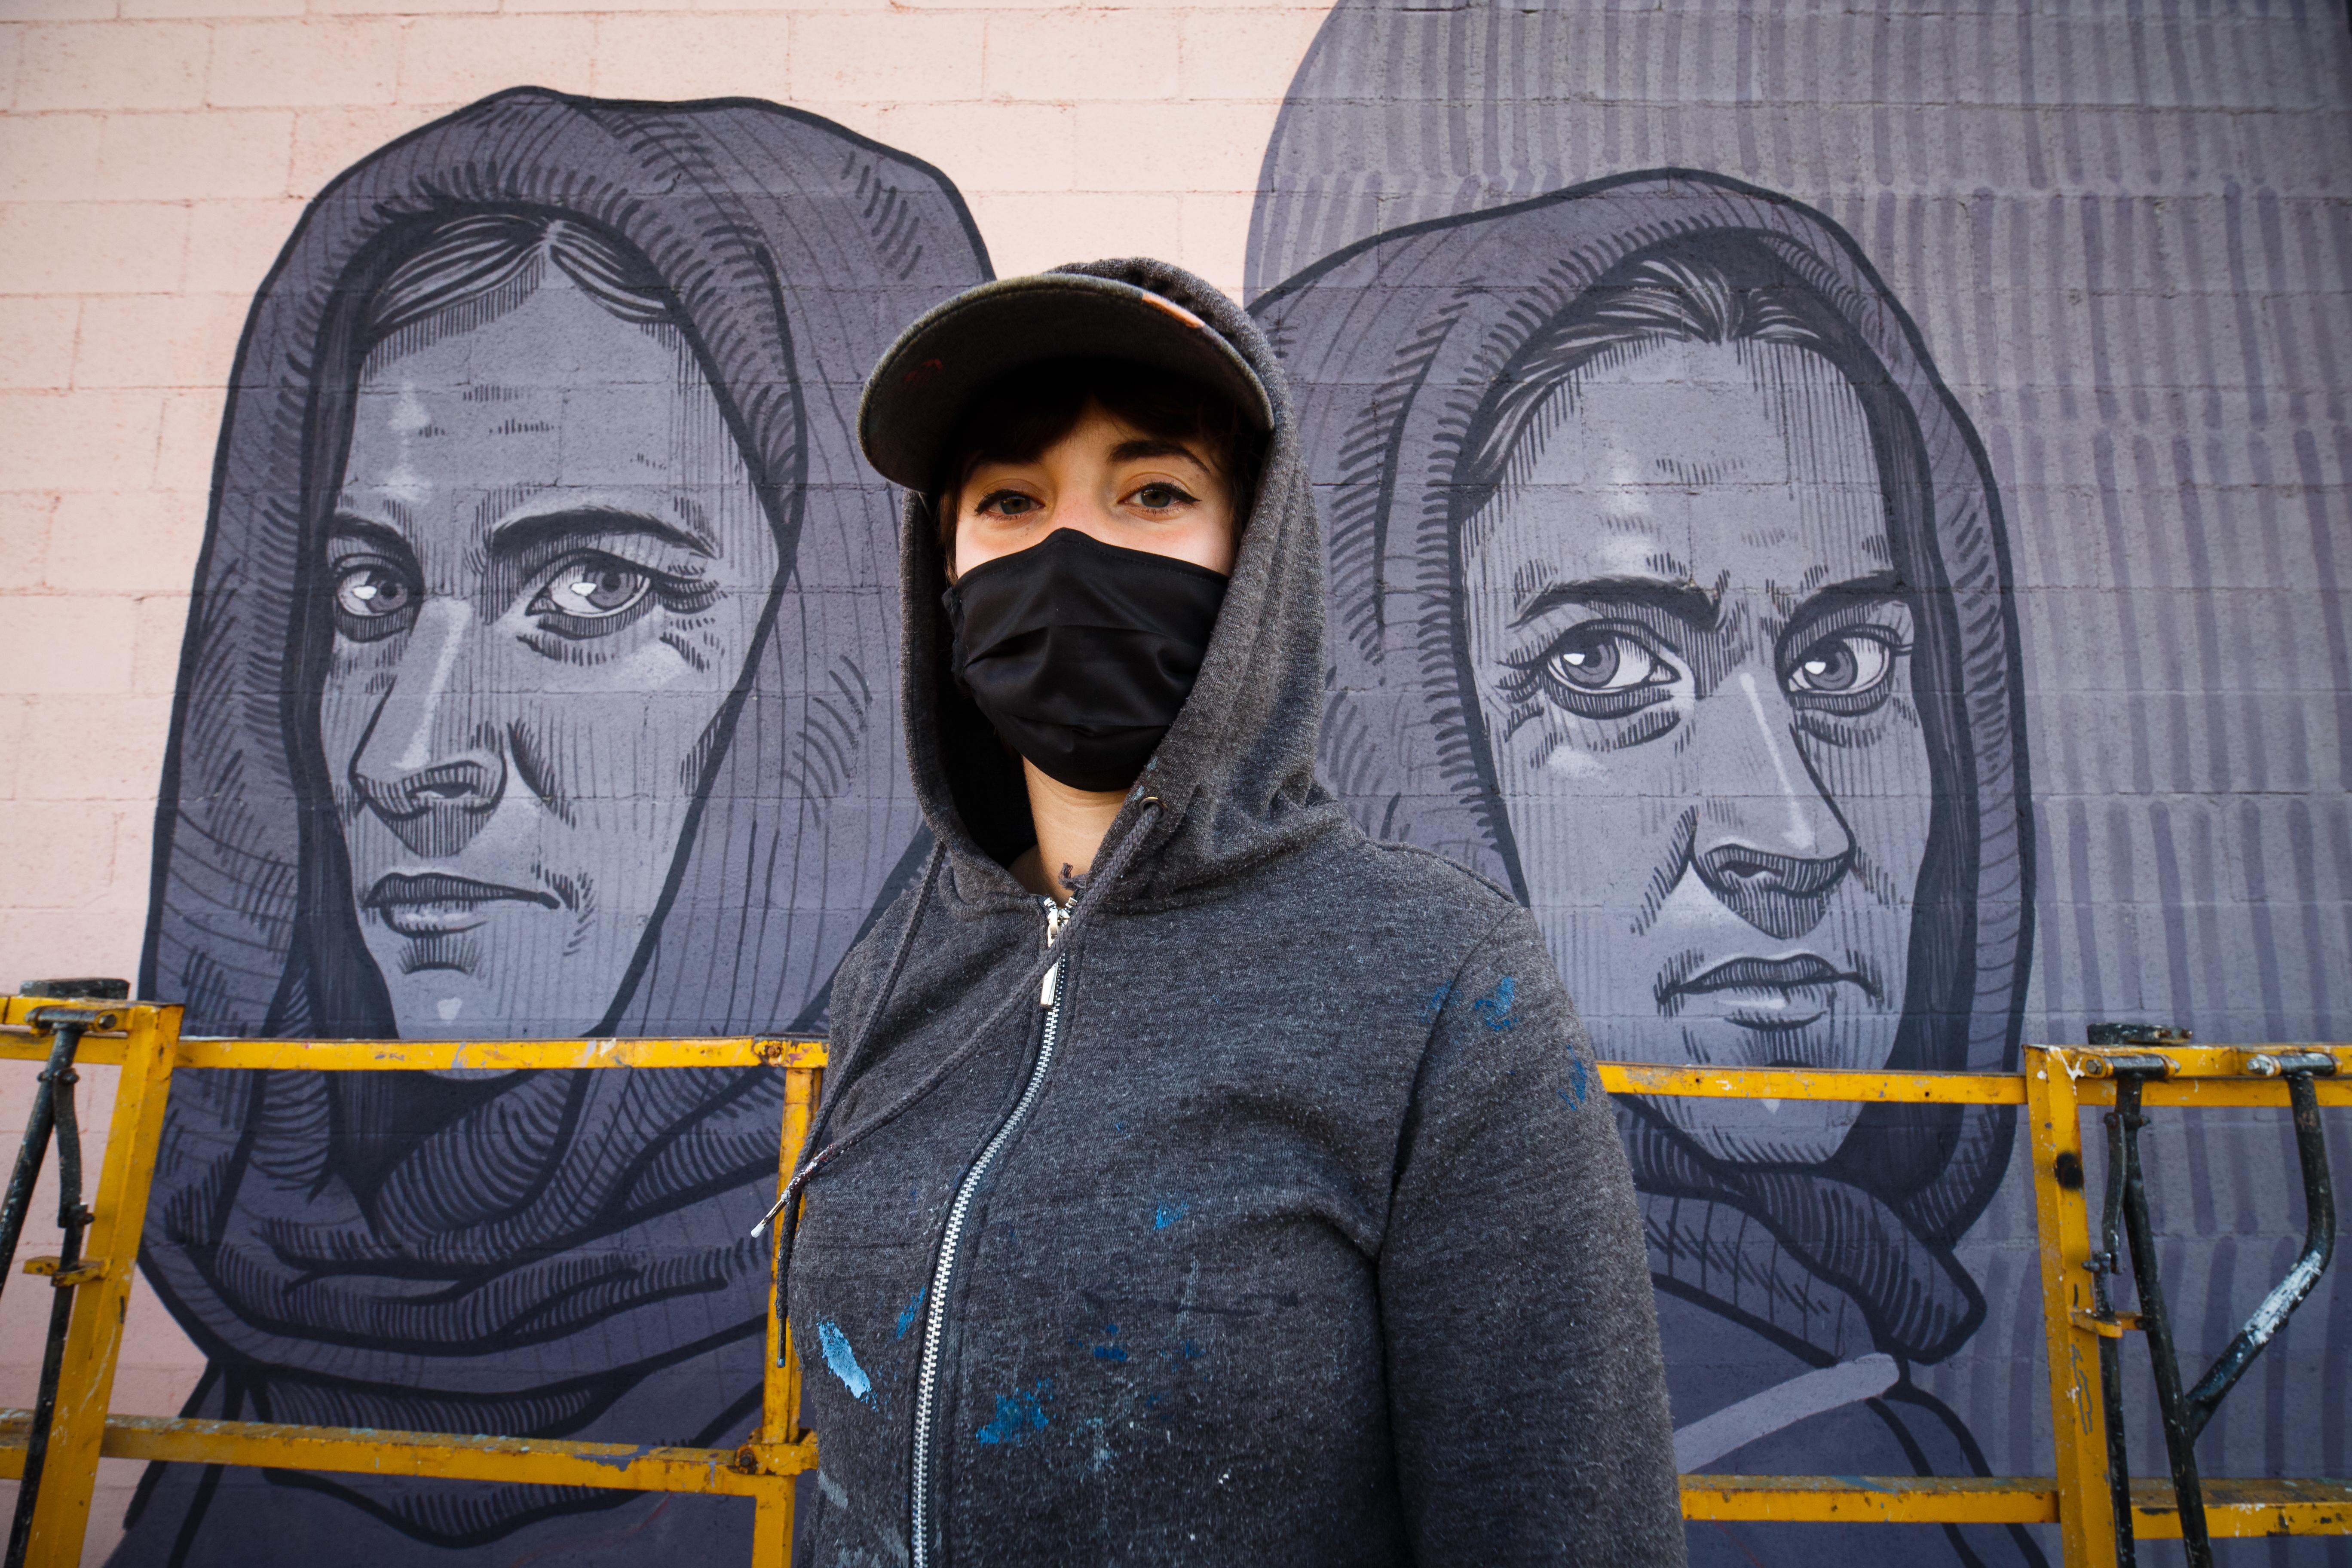 A artista Lidia Cao diante das figuras inspiradas en Aurora e Manuela Liste Forján no seu mural para o Delas Fest 2020